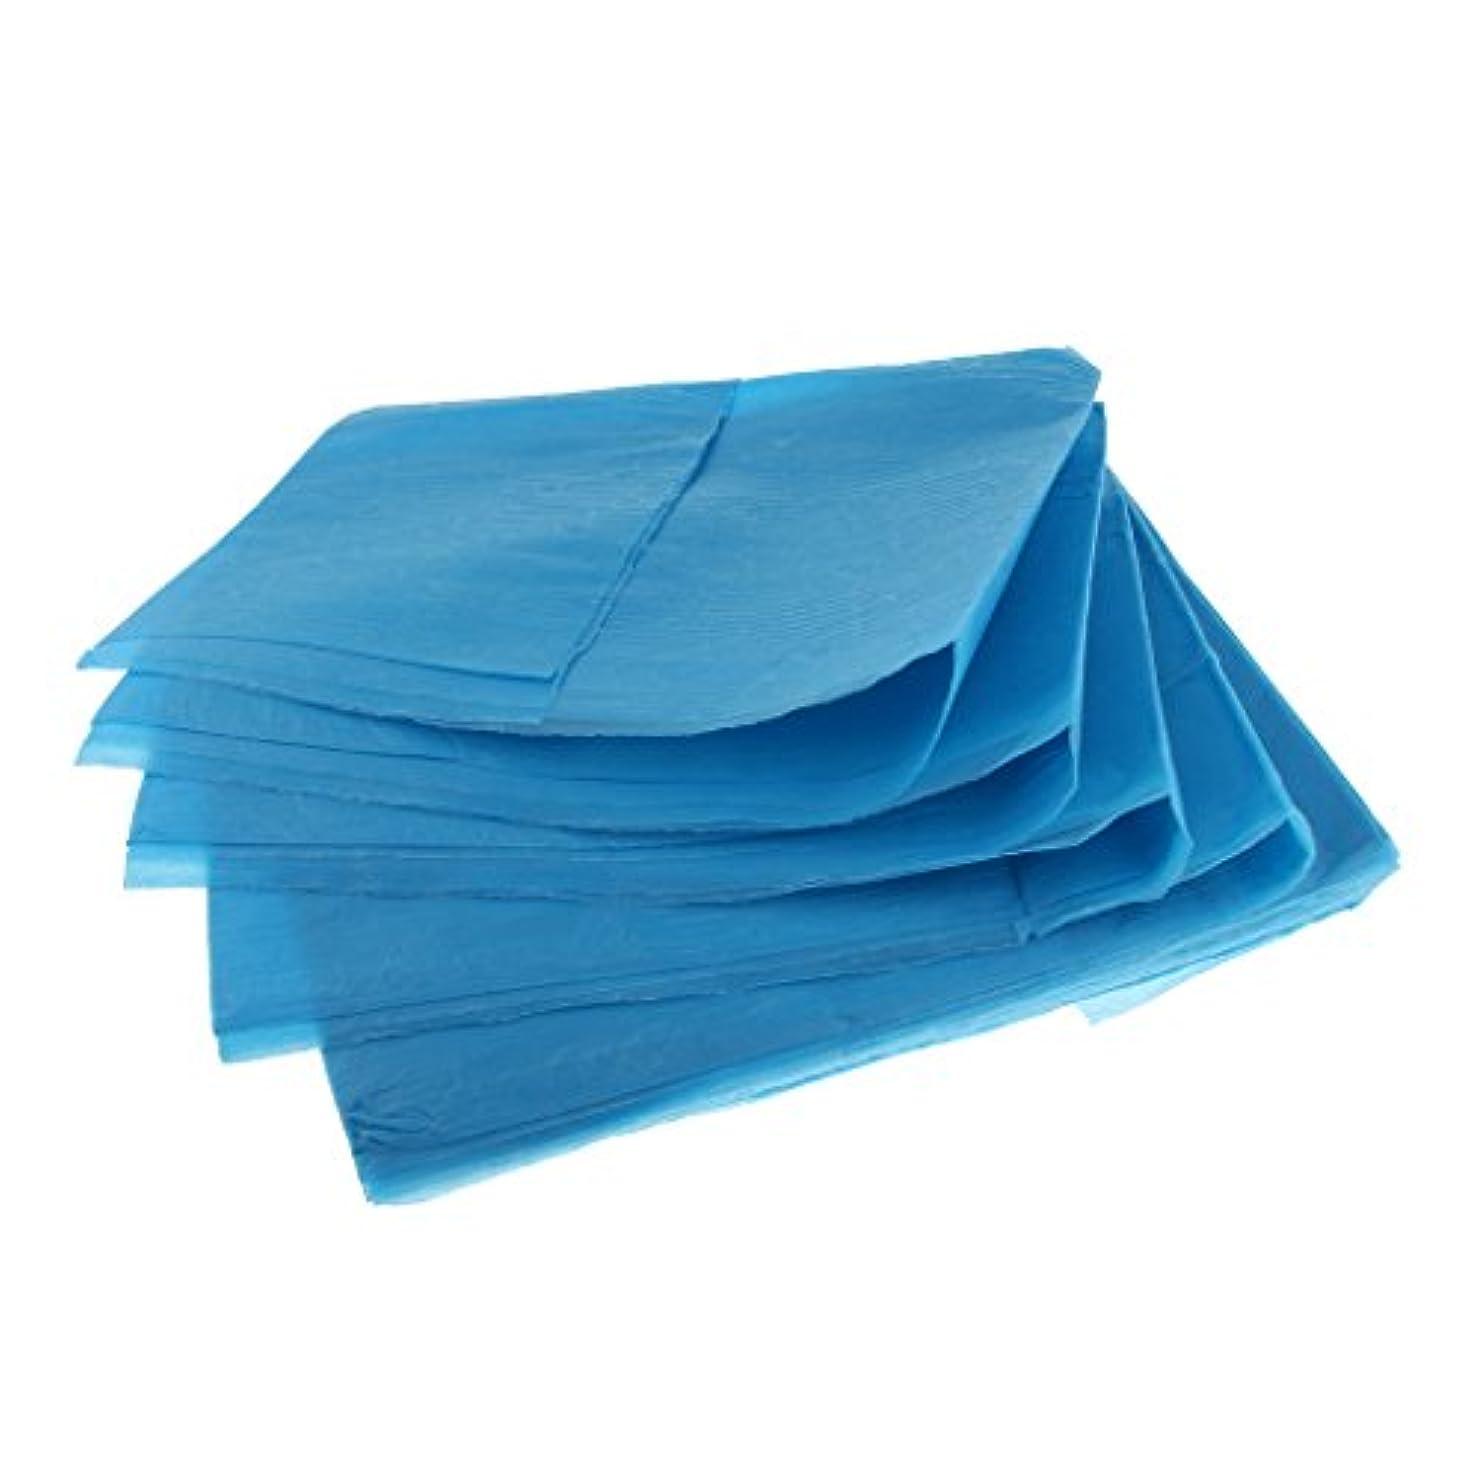 フォルダ無意識決めます10枚 使い捨て ベッドシーツ ベッドパッド カバー 妊産婦 生理期間 スキンケア 美容院 サロン ホテル 2色選べ - 青